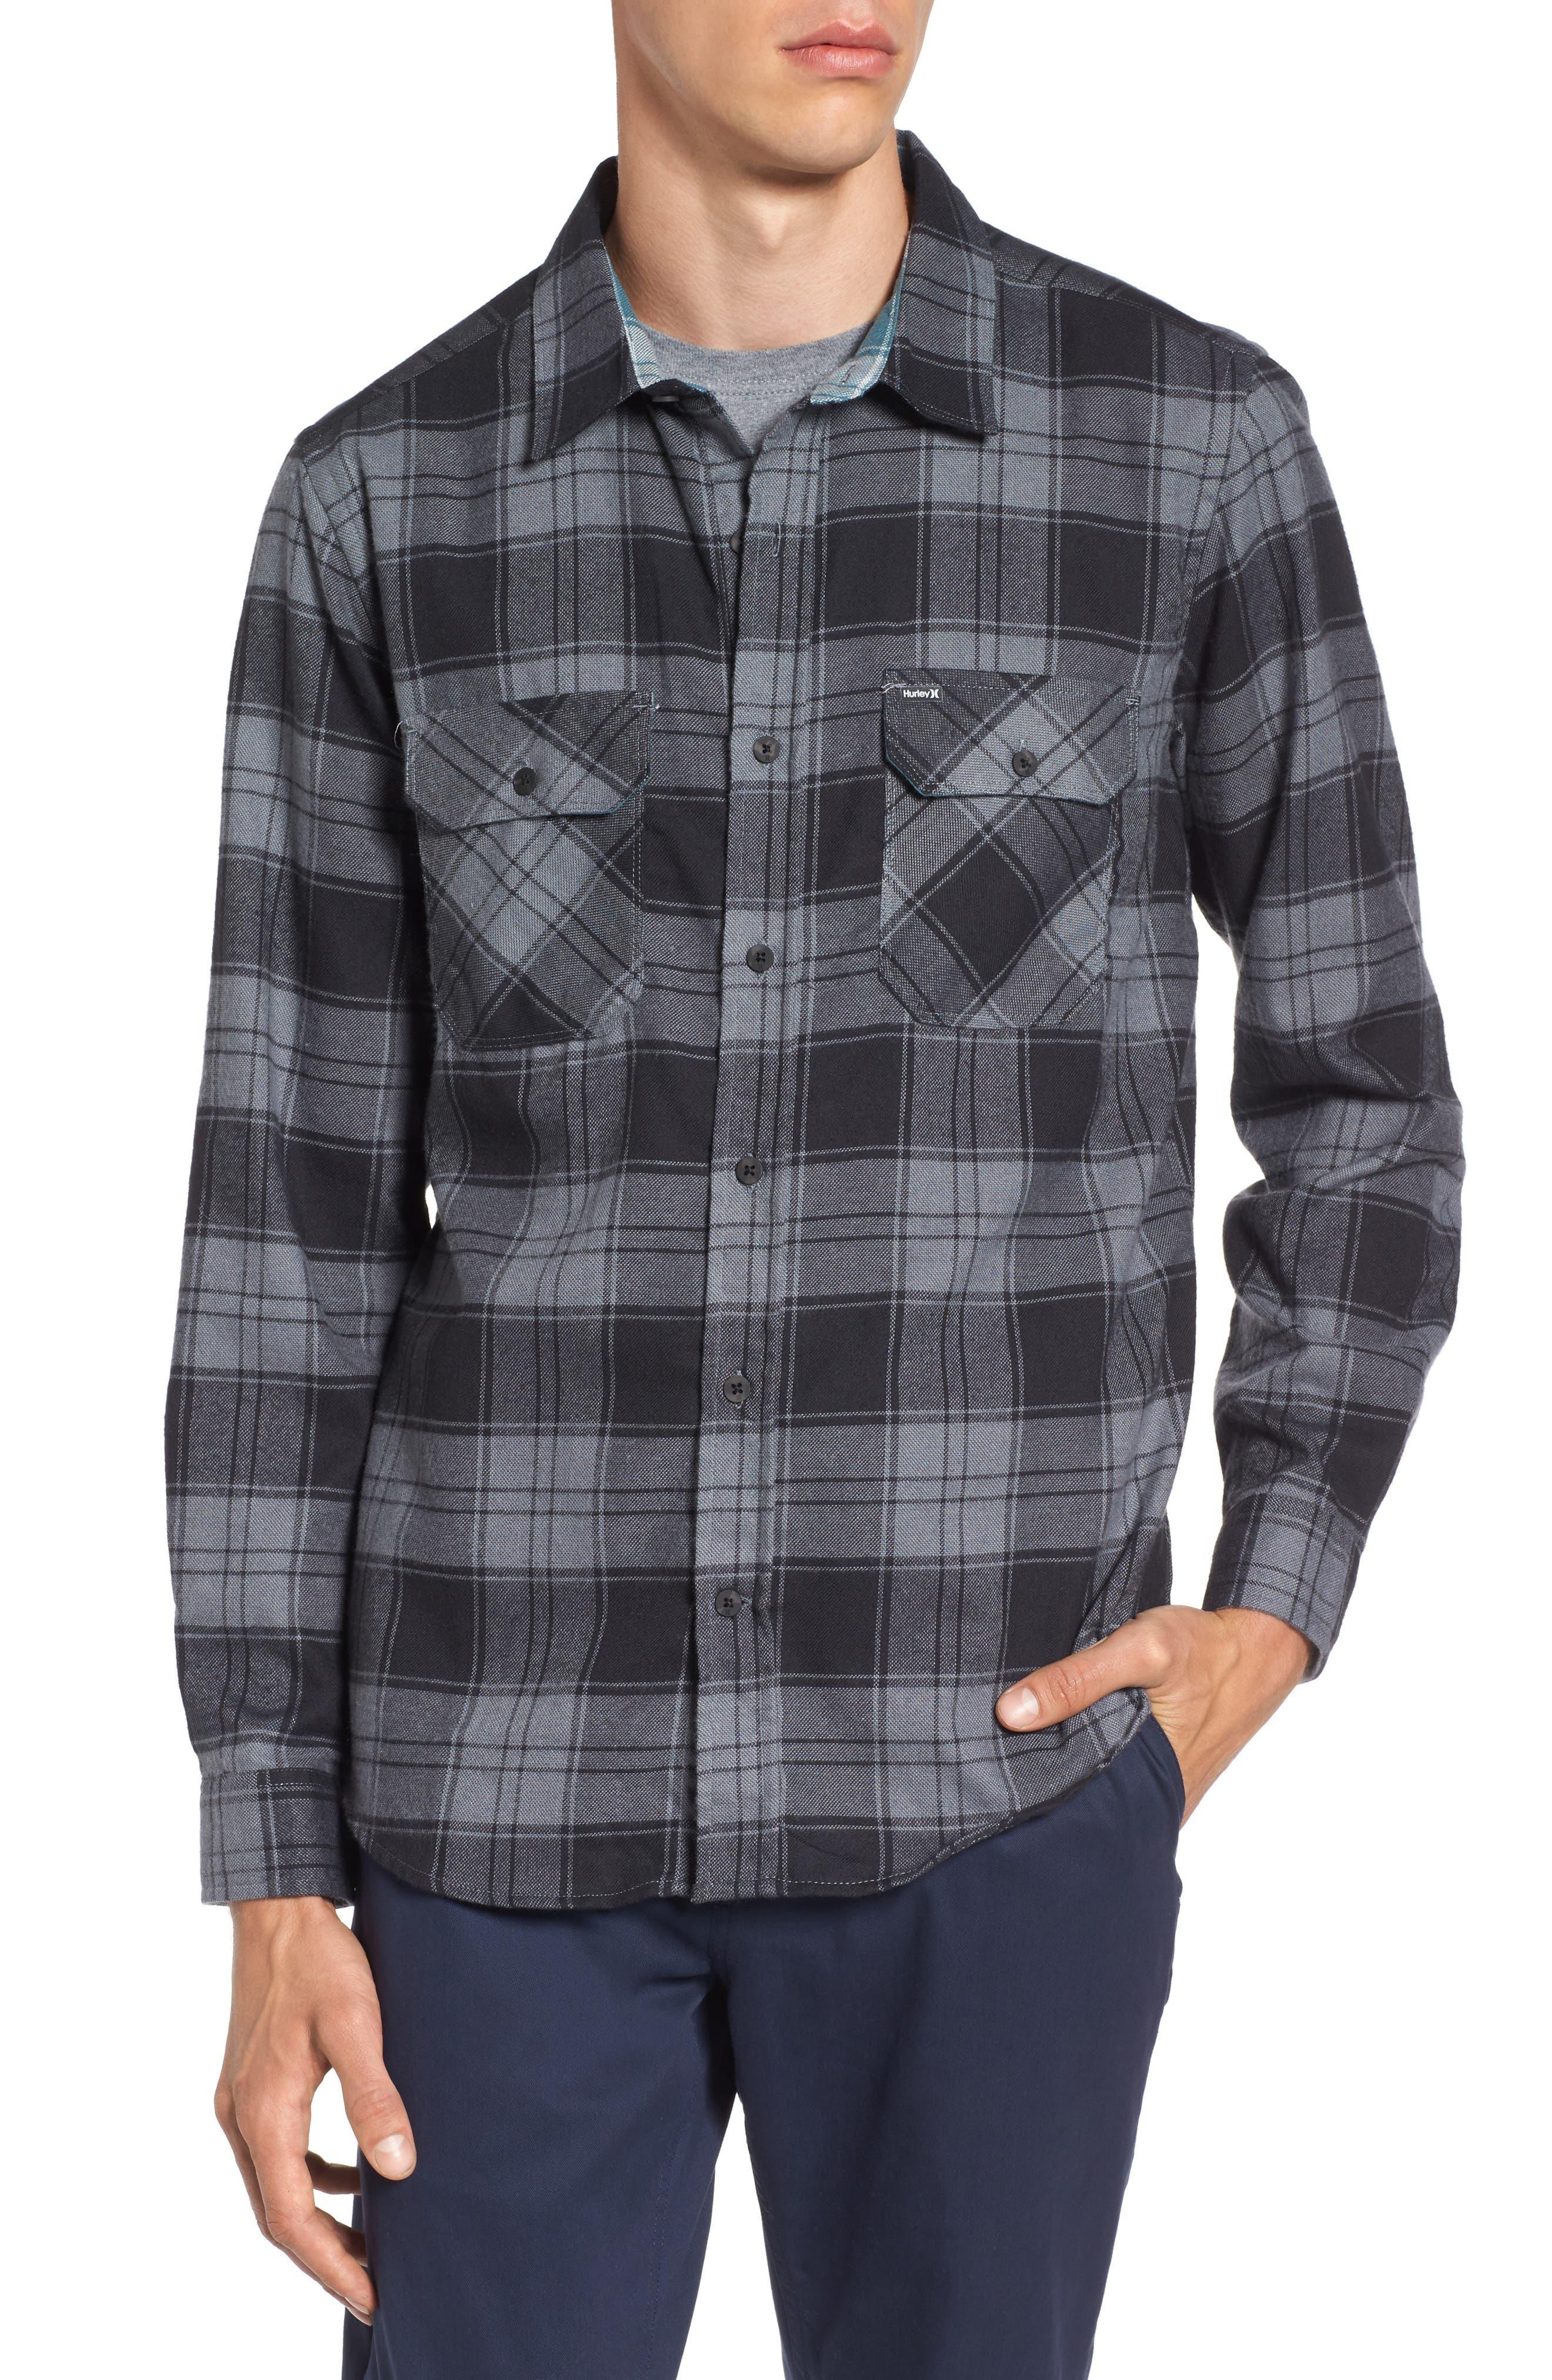 Main Image - Hurley Check Dri-FIT Shirt